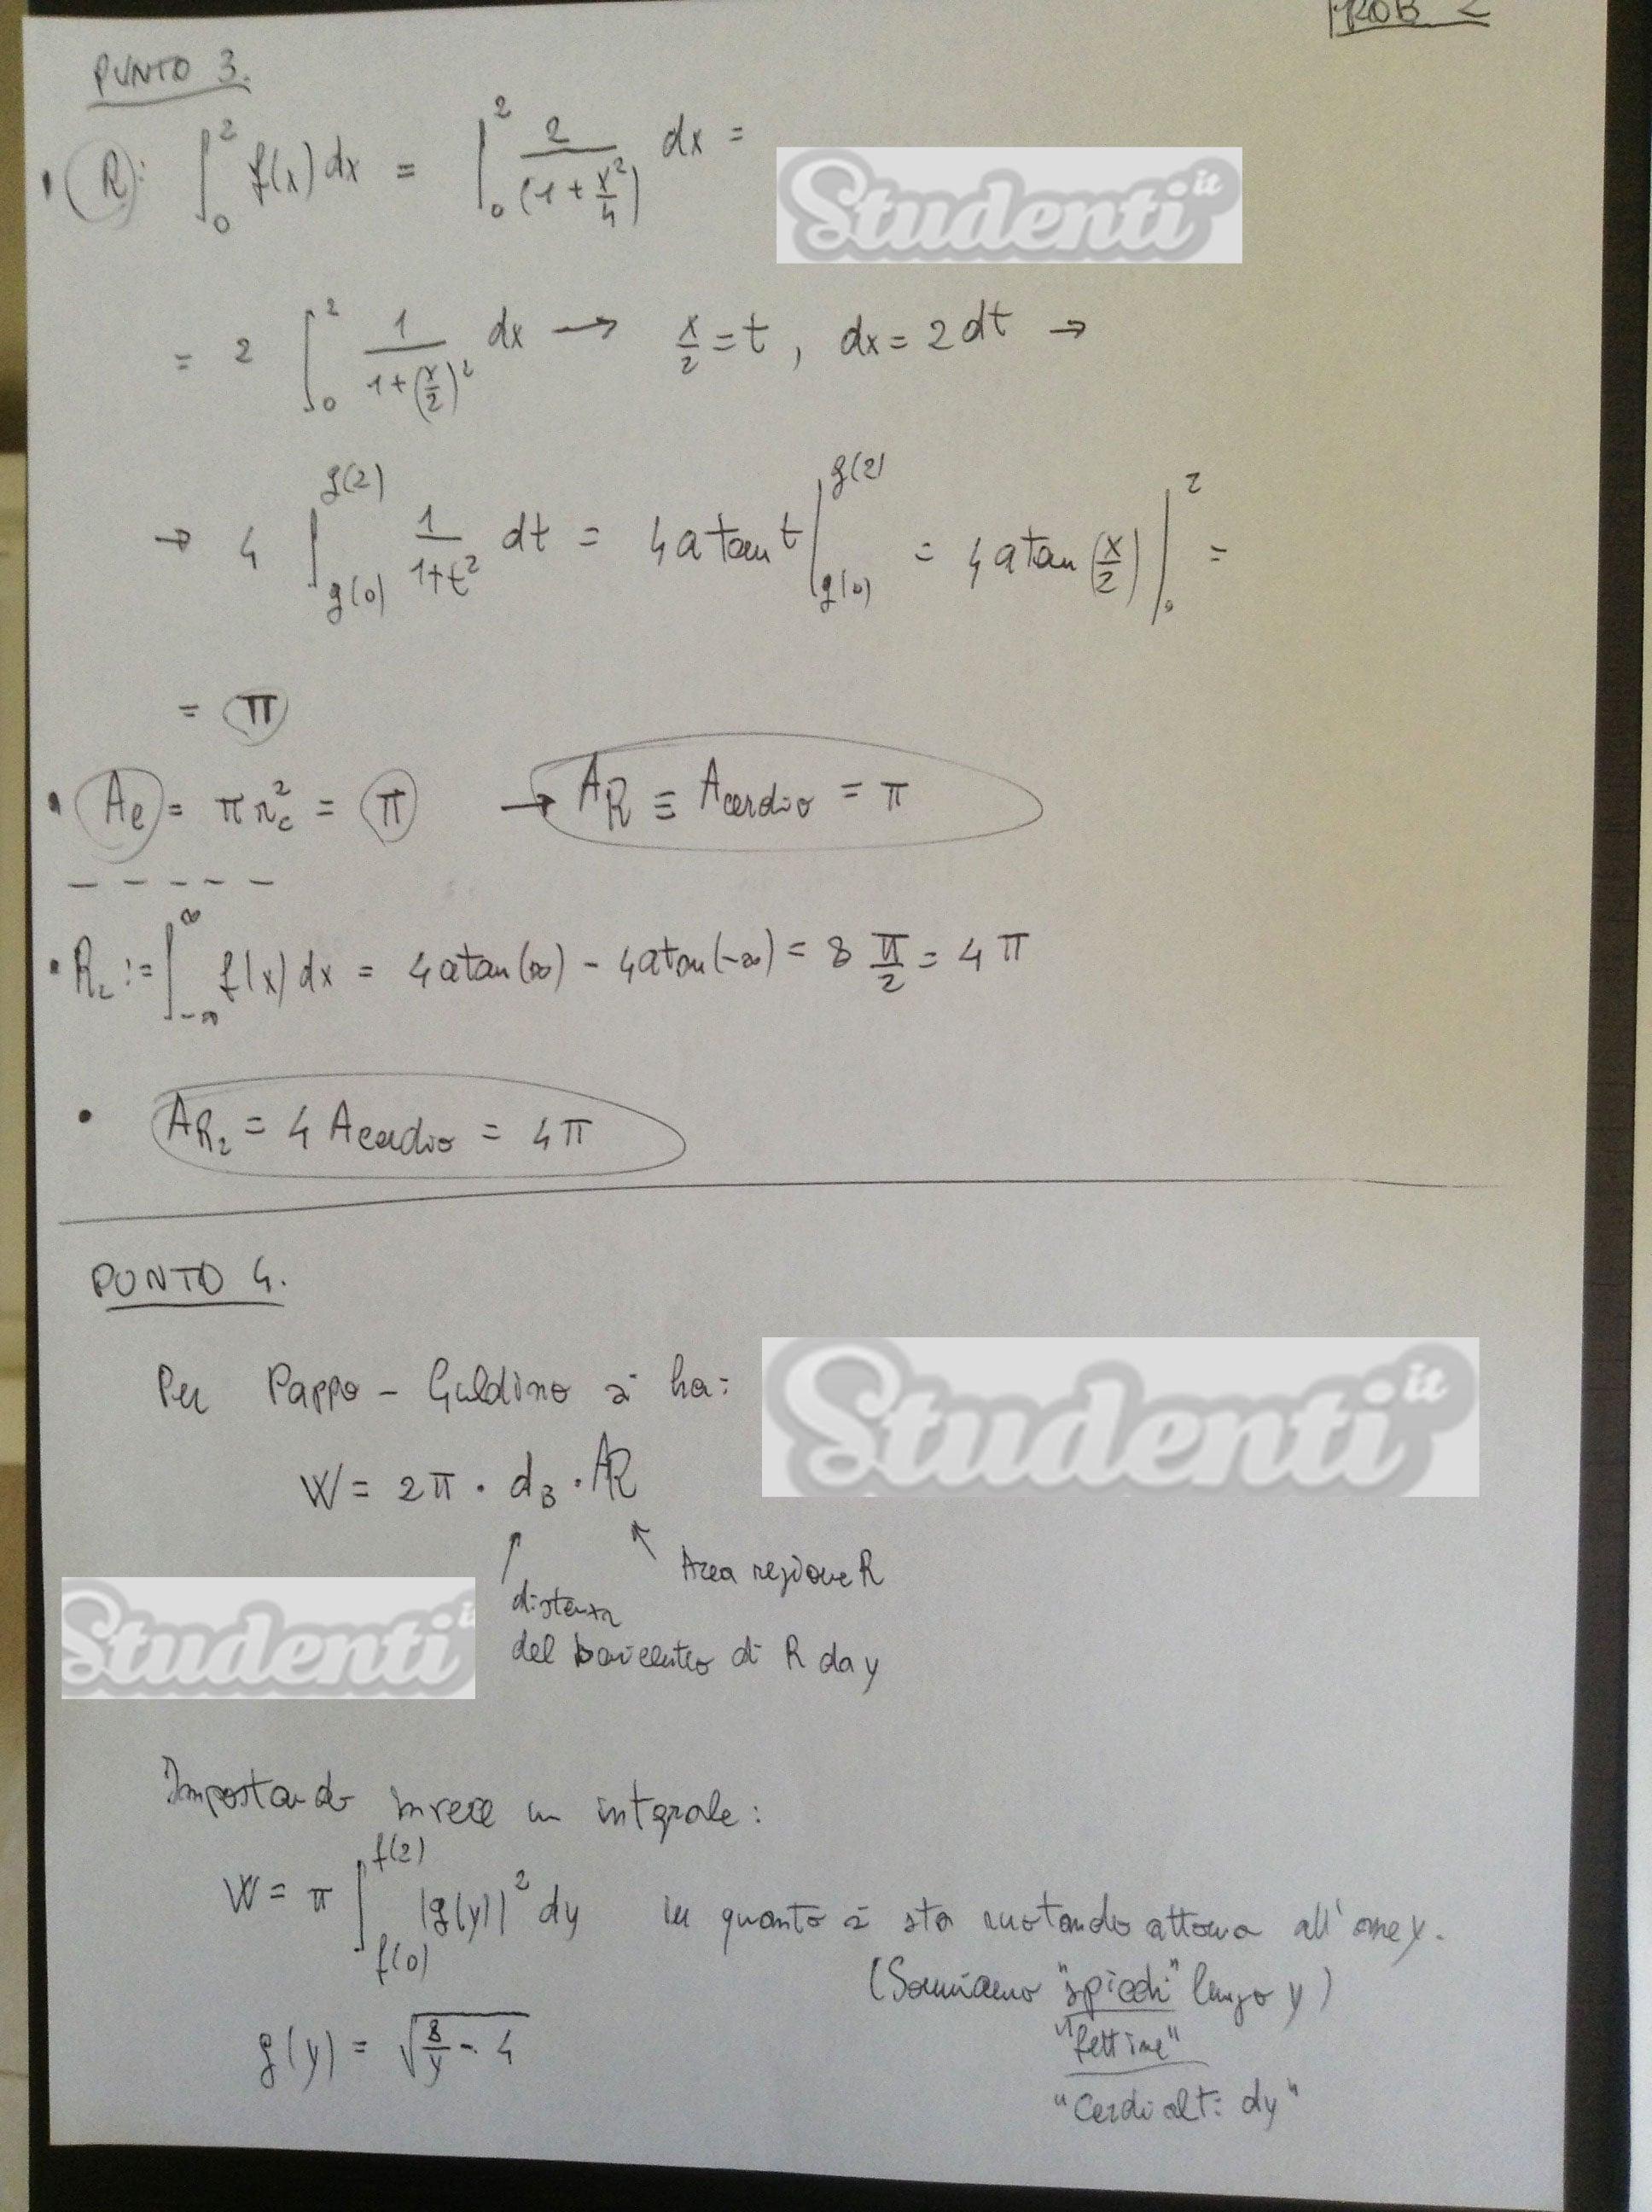 Soluzione Problema 2 seconda prova matematica maturità ...